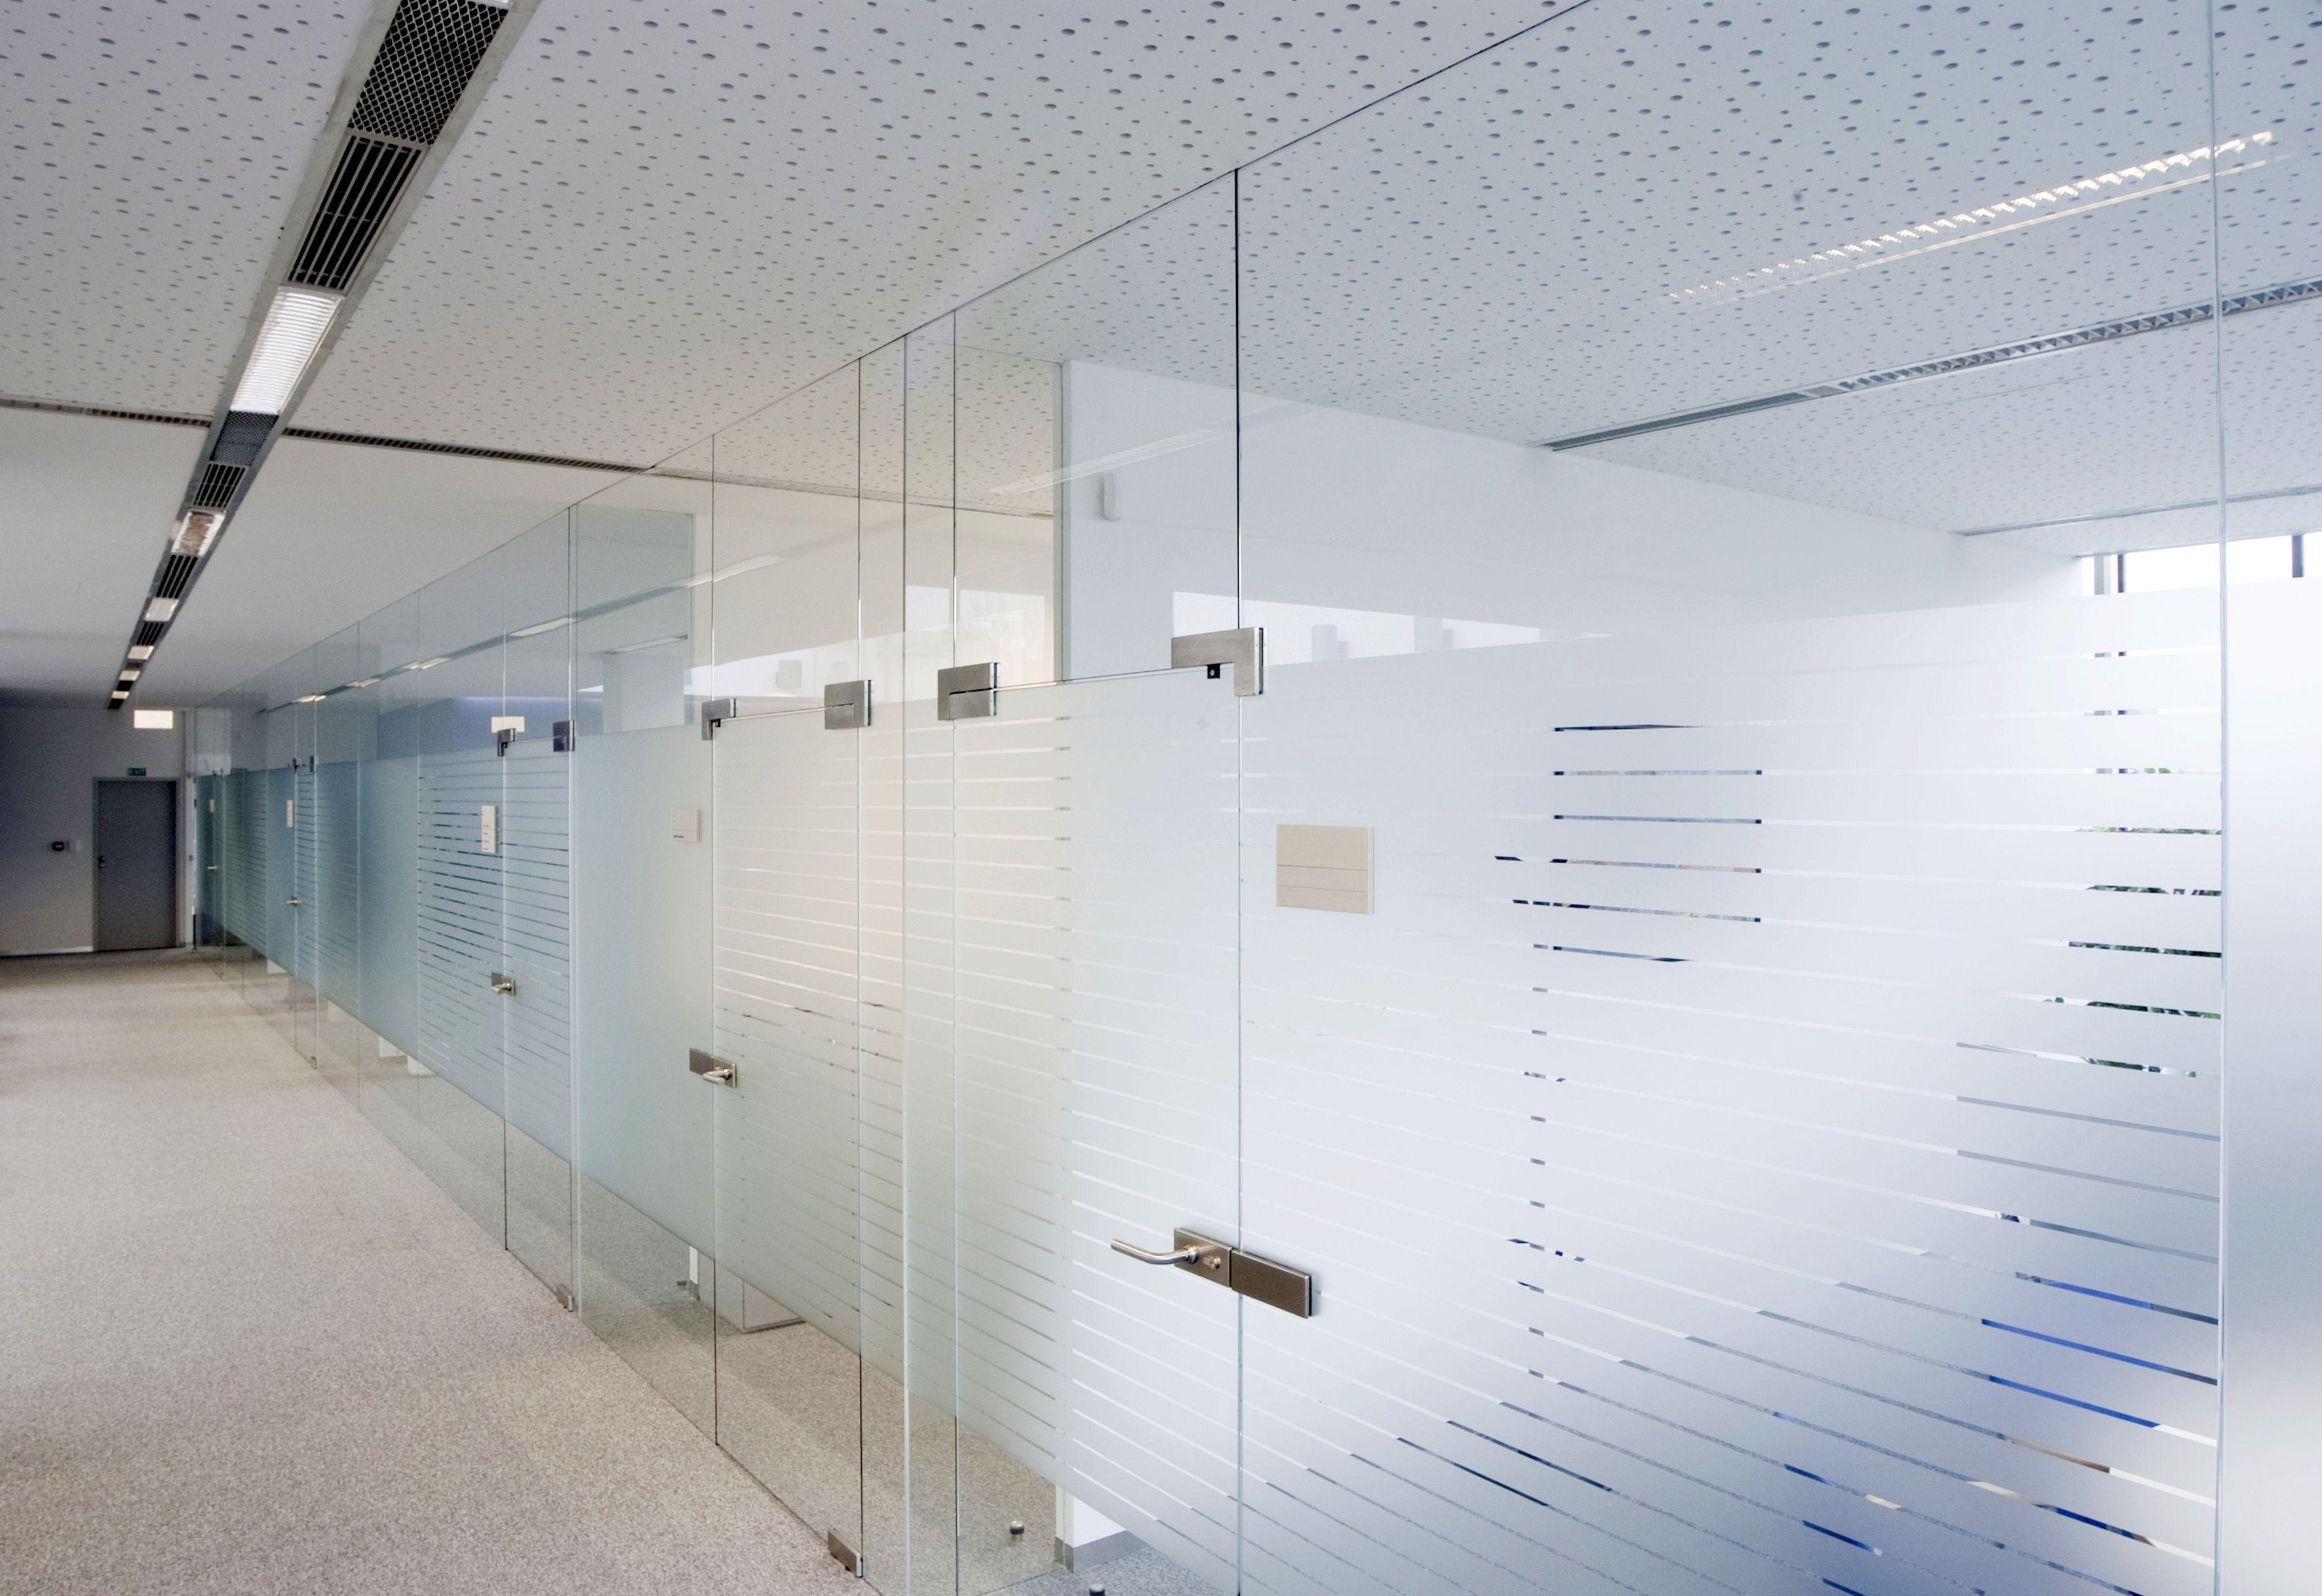 Adesivo Jateado Para Divisorias De Vidros O Adesivo Jateado E Uma